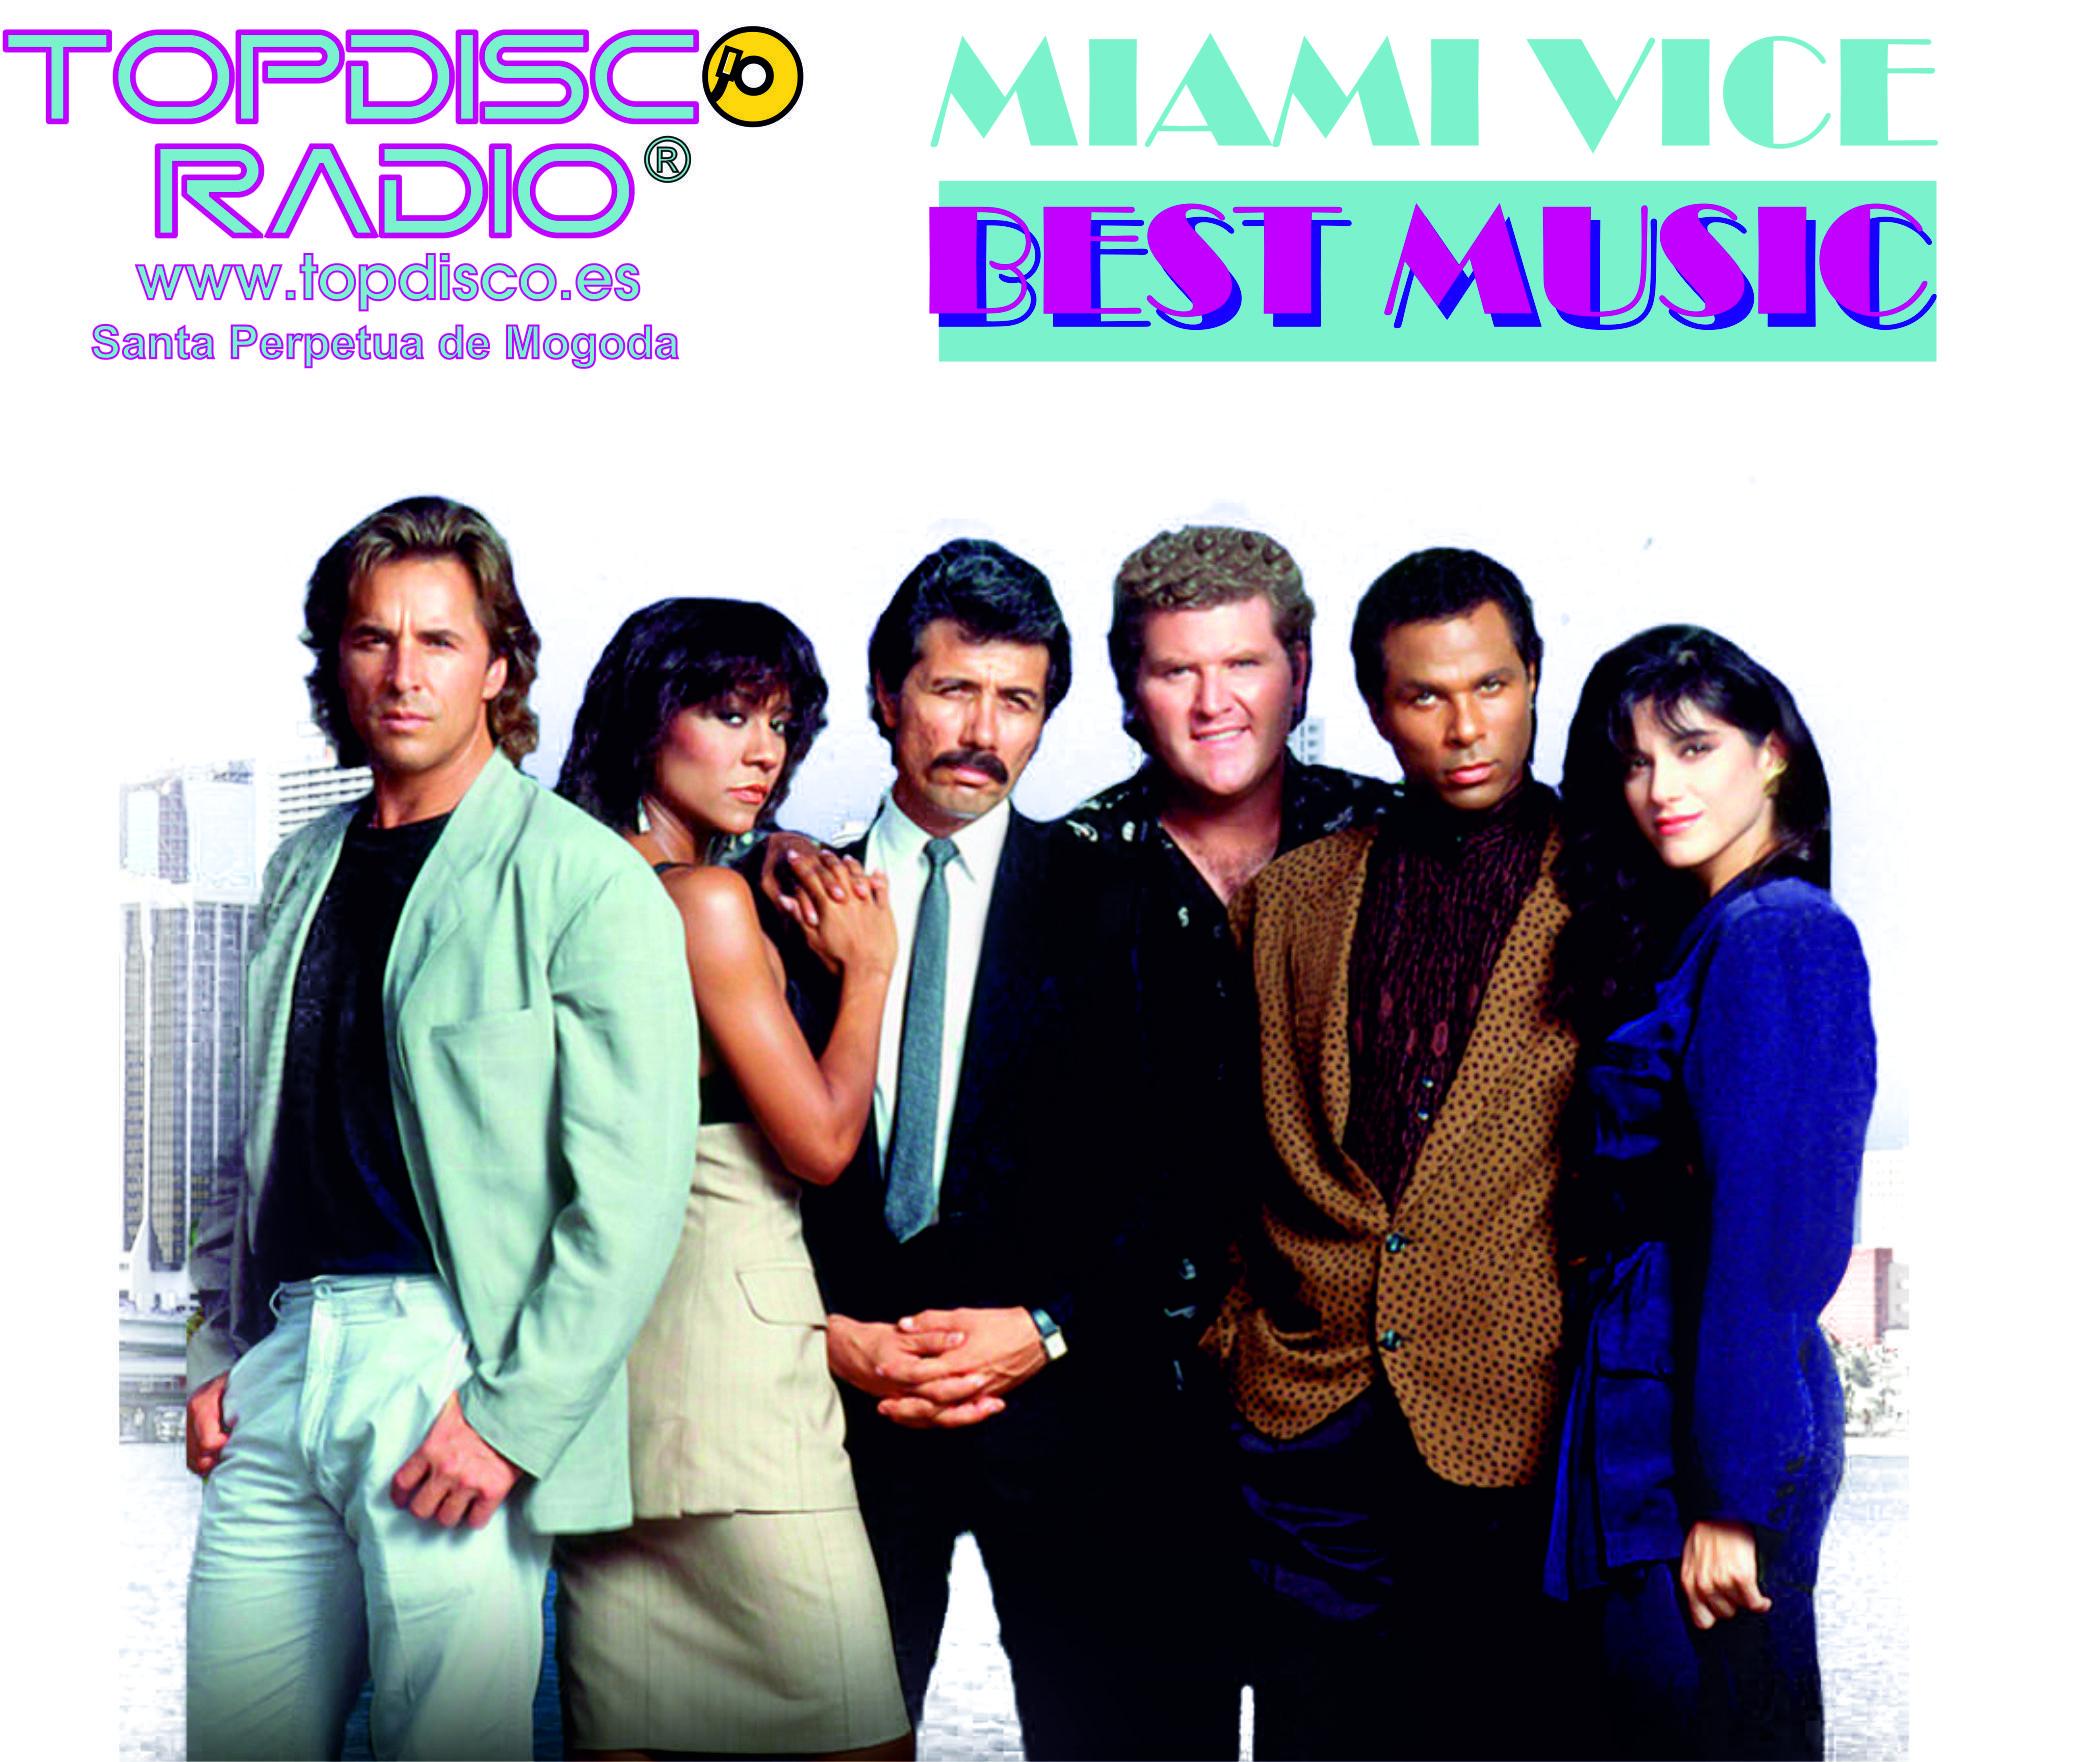 La mejor musica que sono en la serie durante las 5 temporadas cada semana en Topdisco Radio. Presentado por Xavi Tobaja